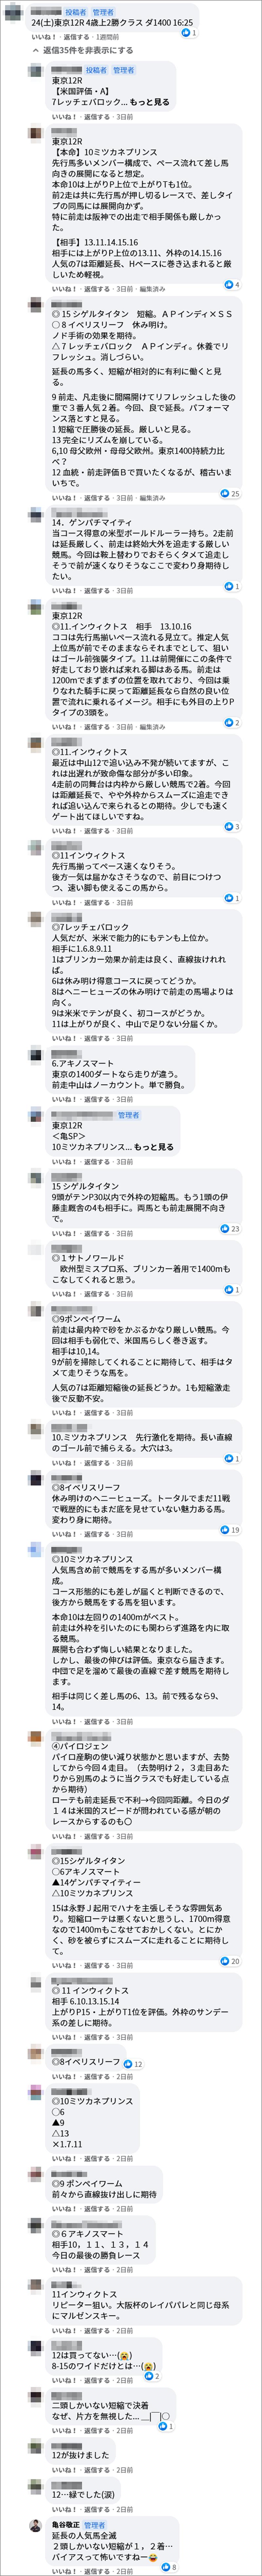 3連単390万円の大波乱となったこのレース、『亀谷敬正オフィシャル競馬サロン』のFacebookページ(会員のみ公開)では、メインレースに負けないくらいの熱い議論で盛り上がりました。